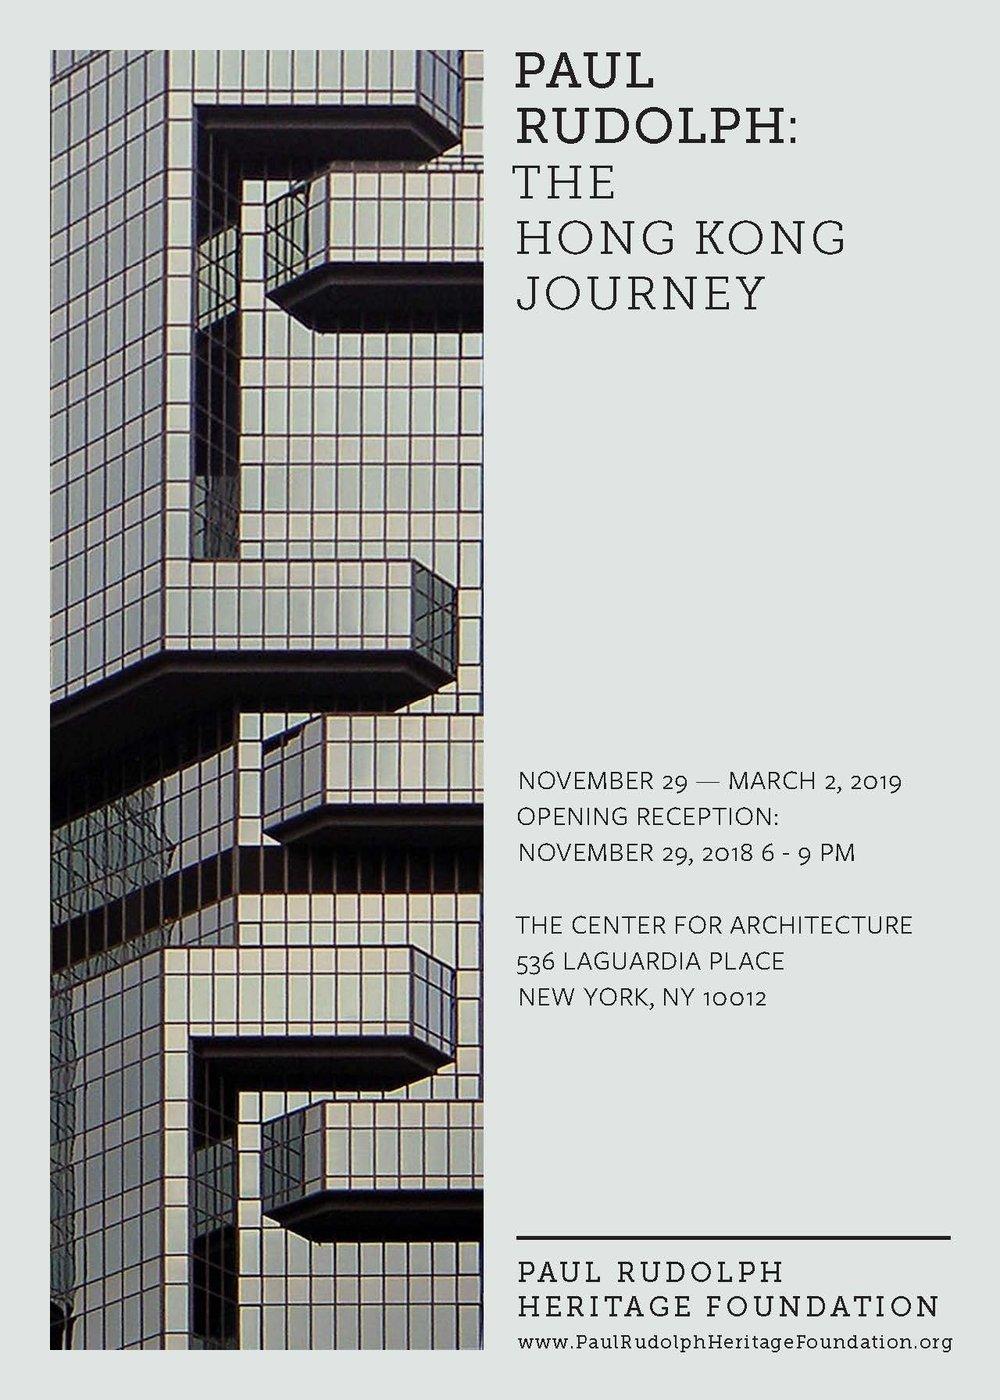 HongKongJourney.jpg